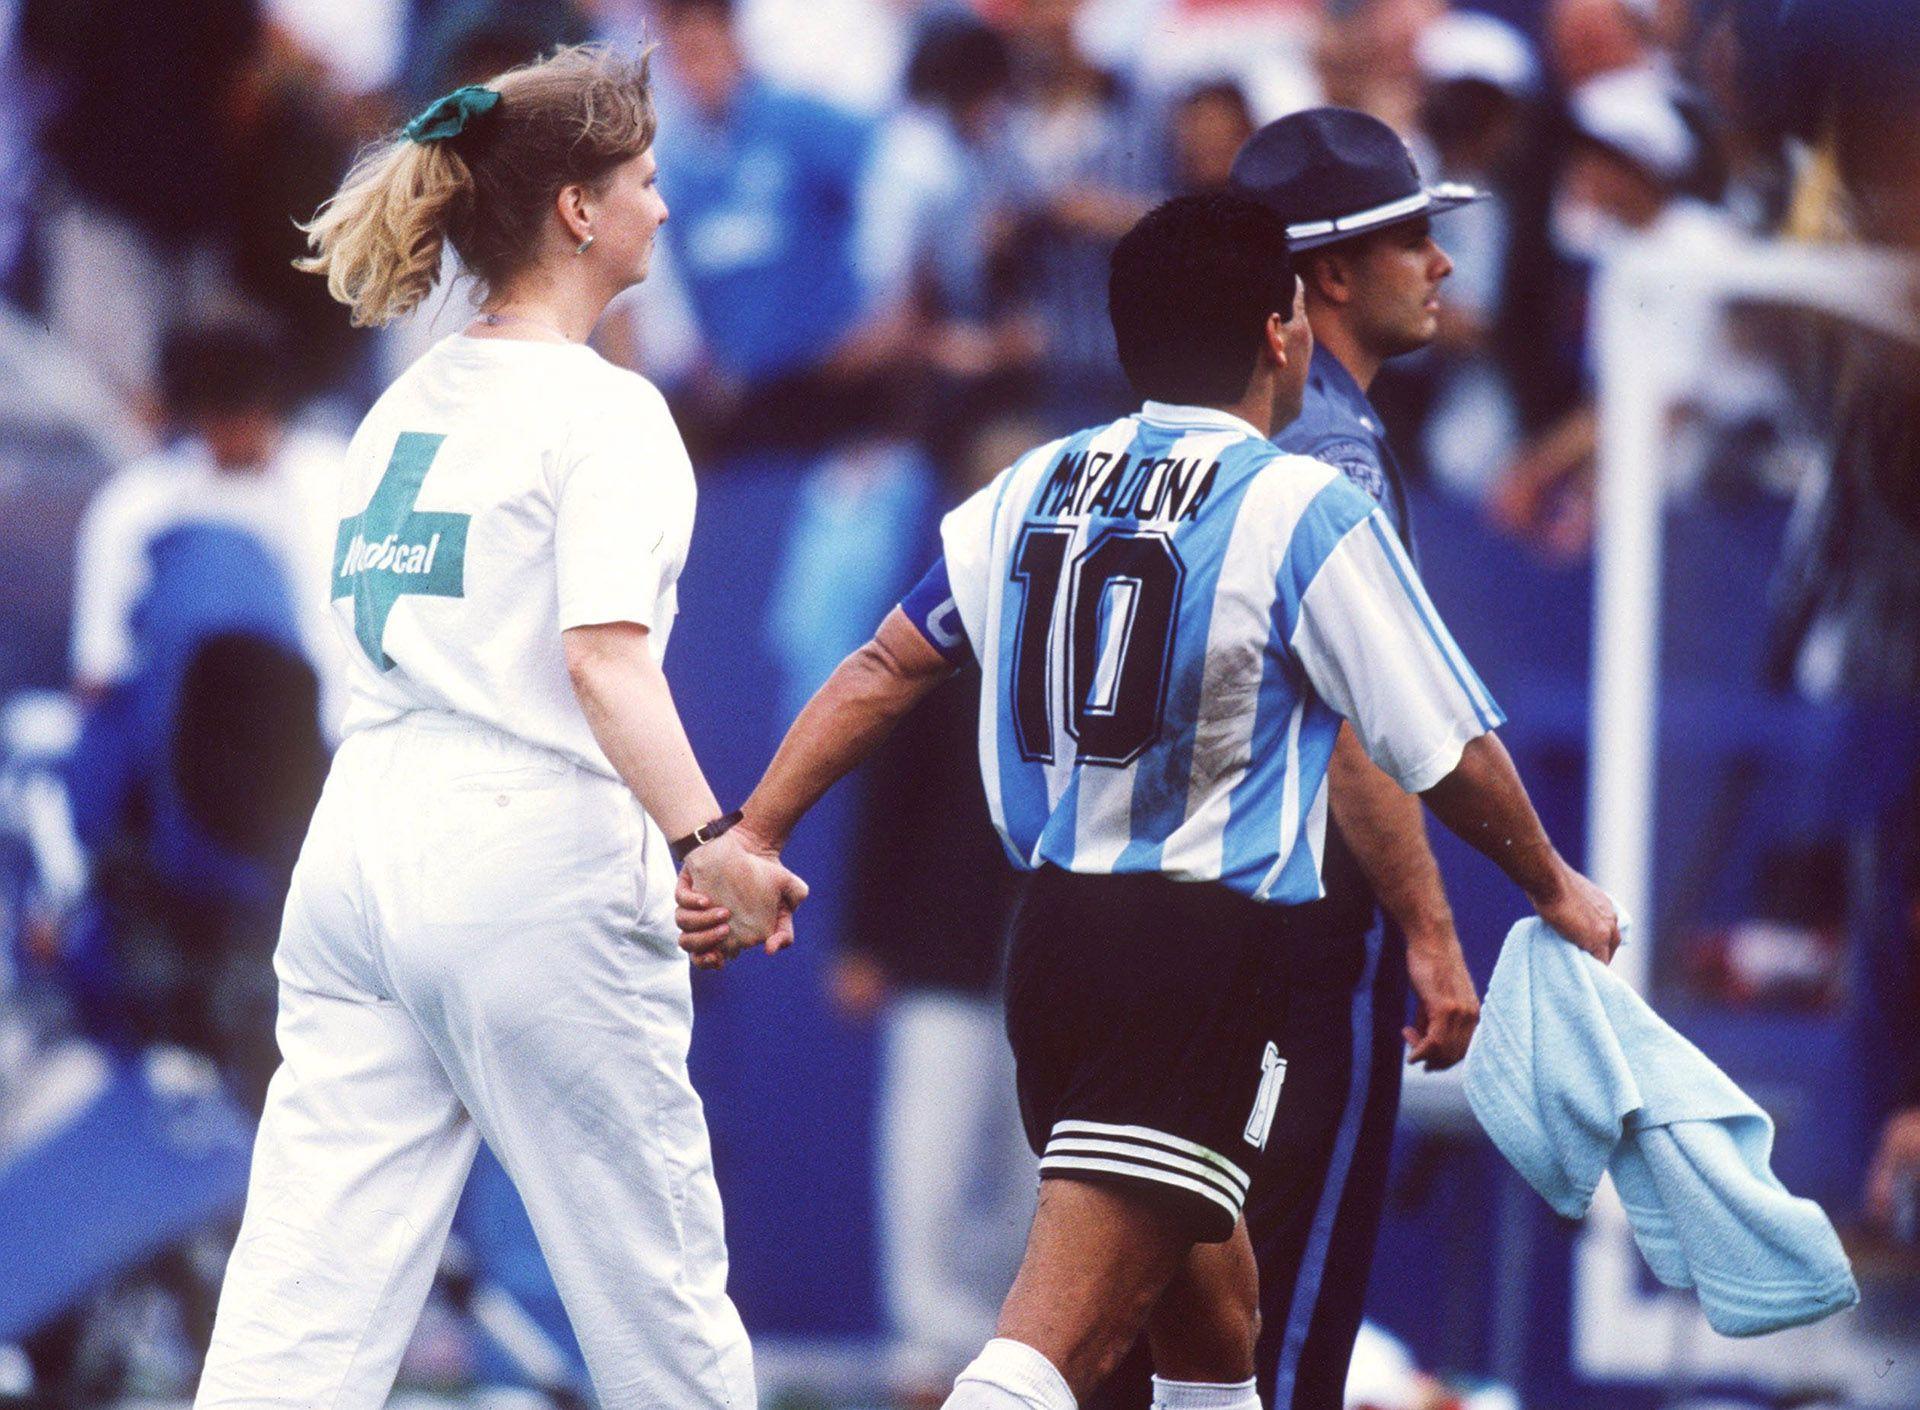 El periodista que entrevistó a Maradona luego de ser expulsado del Mundial 1994 por dar positivo en un test antidoping brindó detalles del detrás de escena del encuentro (Foto Getty Images)